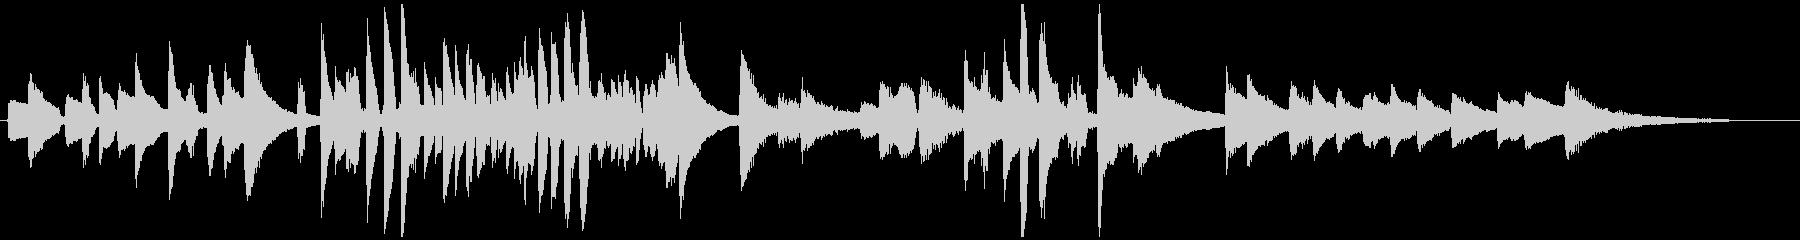 古典的なラウンジジャズピアノの未再生の波形